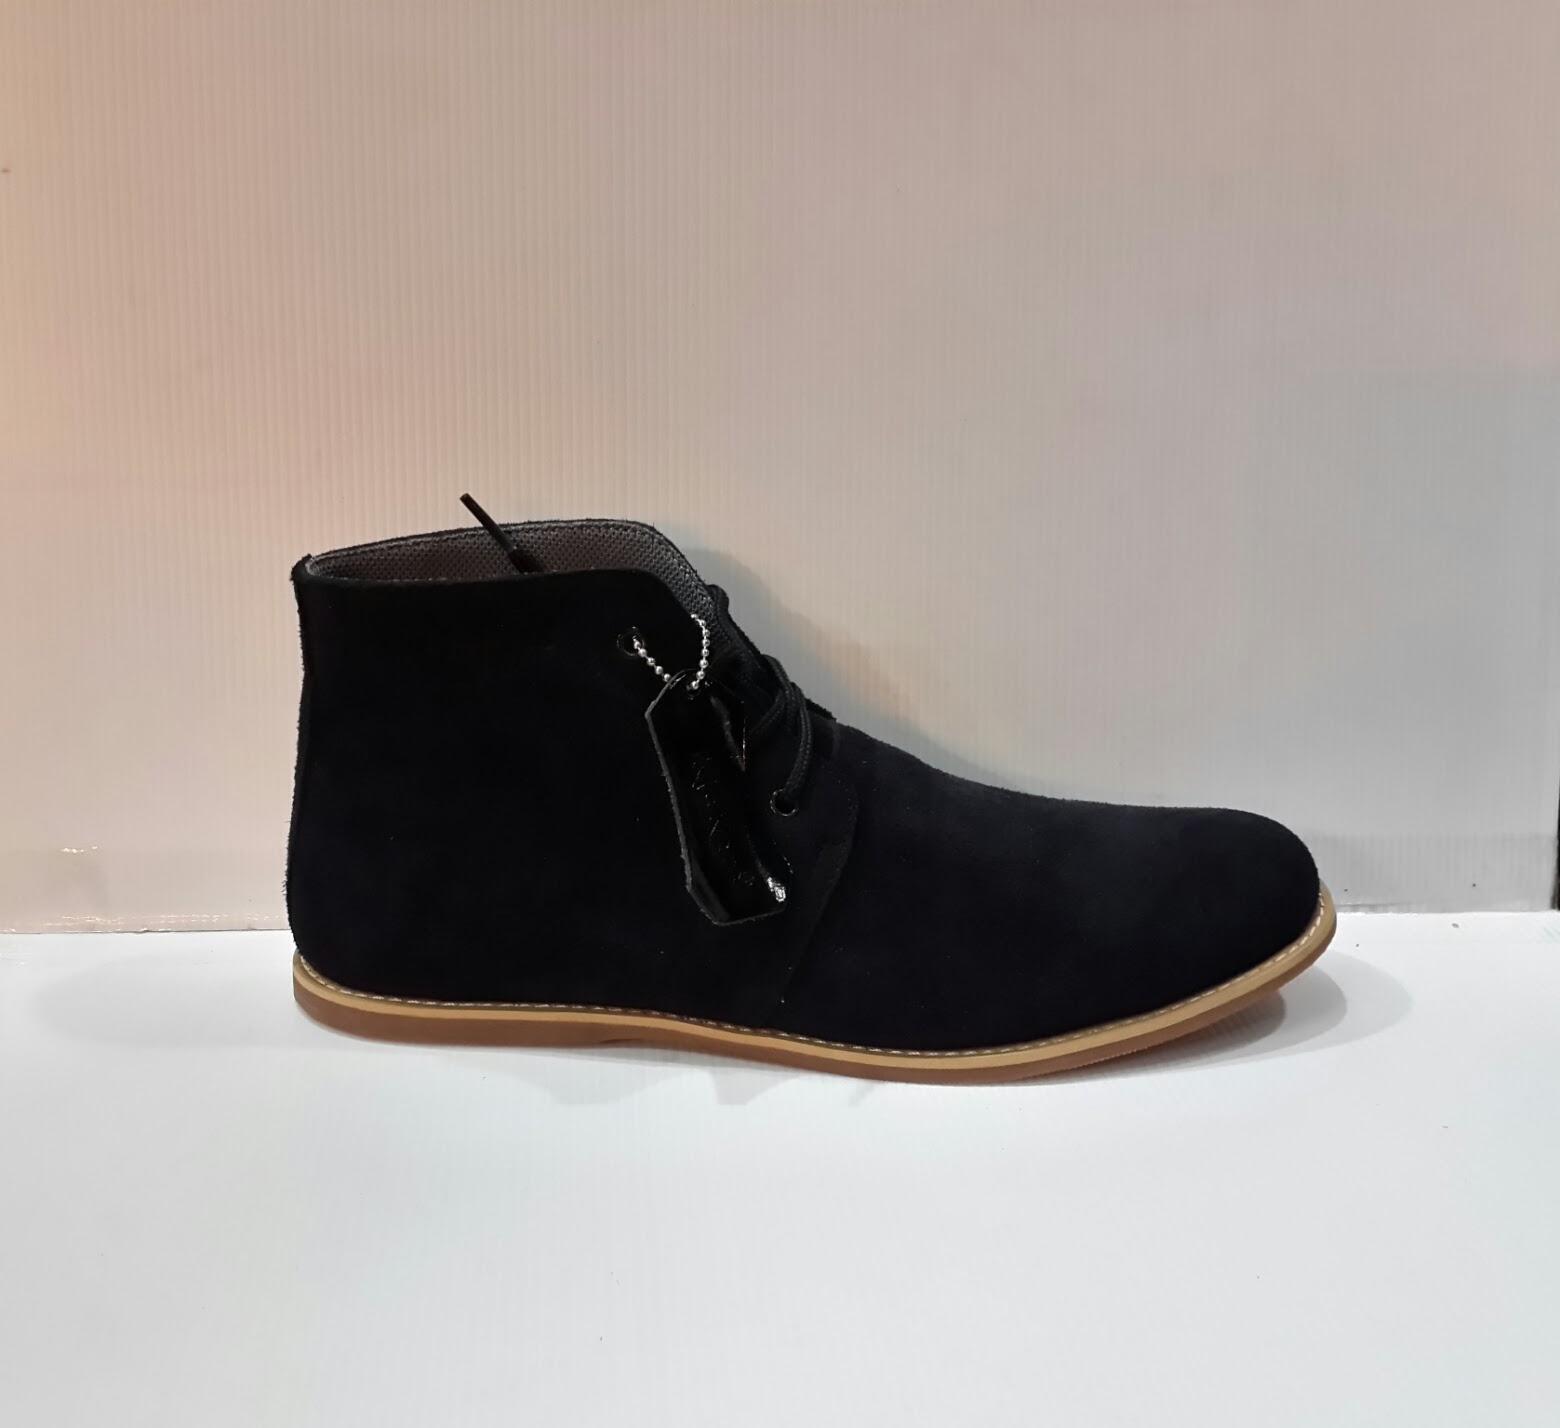 sepatu kickers murah, jual sepatu KicKers Boots Suede High, sepatu gaya, sepatu santai